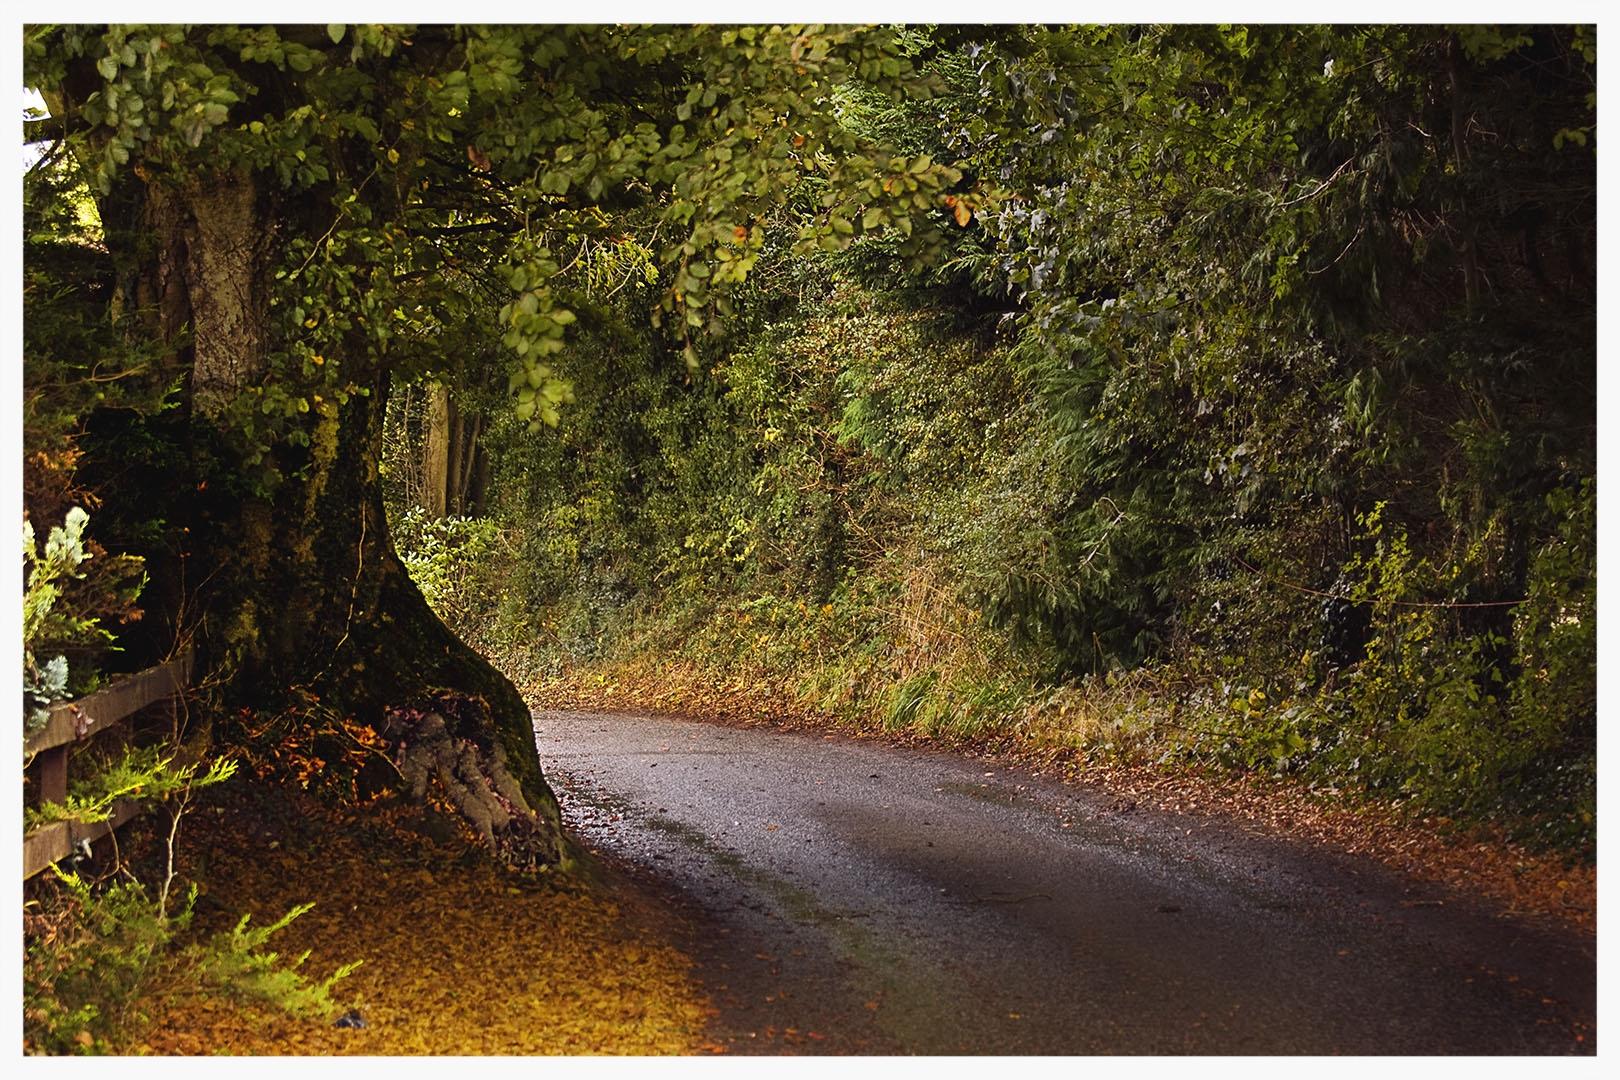 The Golden Road, Connemara,County Galway,Ireland